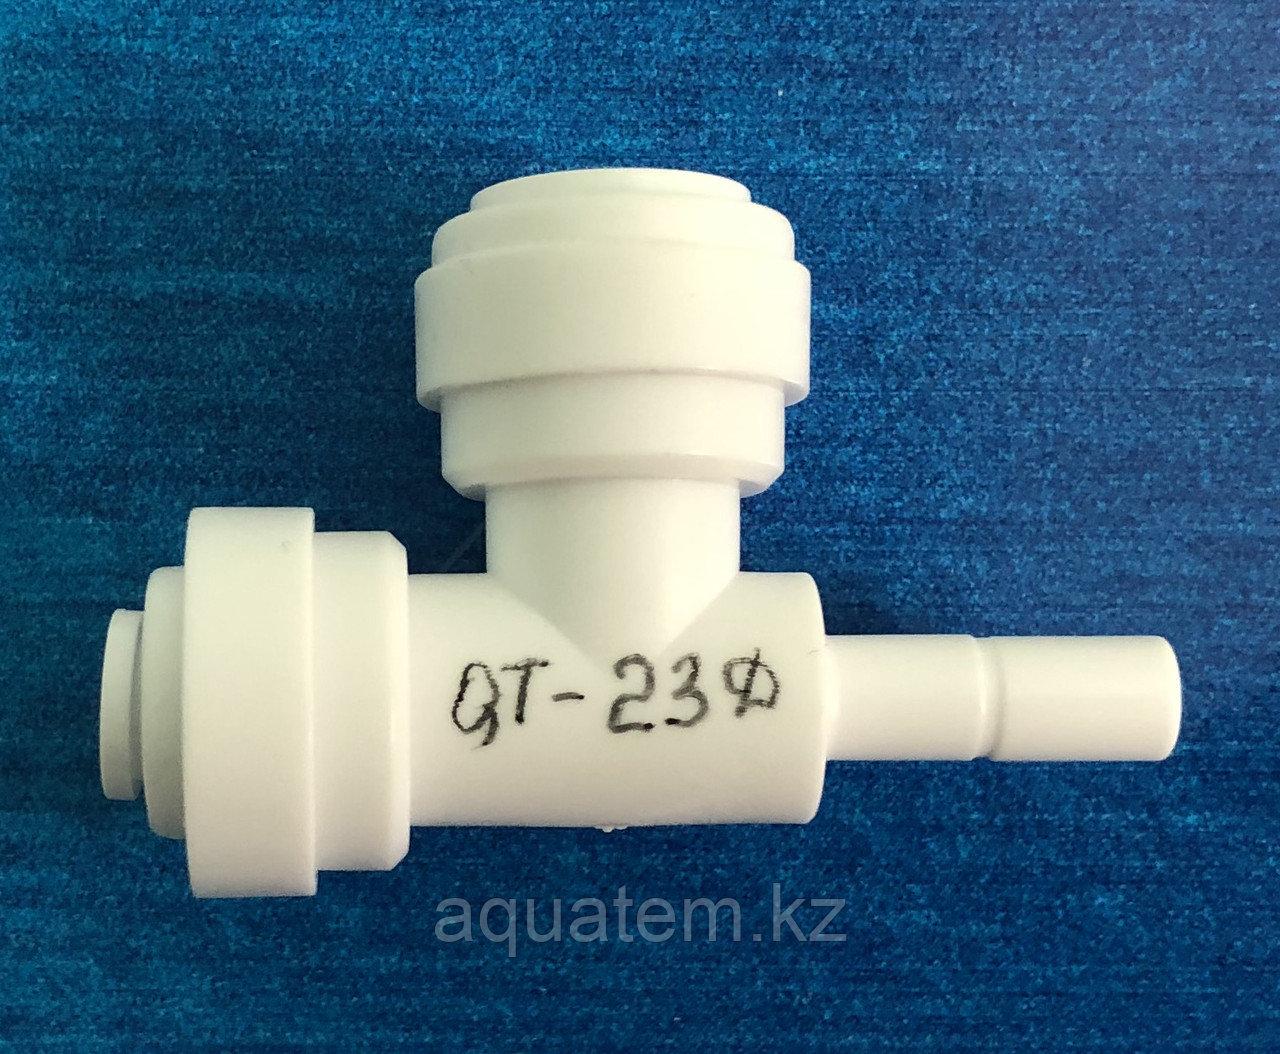 Фитинг QT-23D